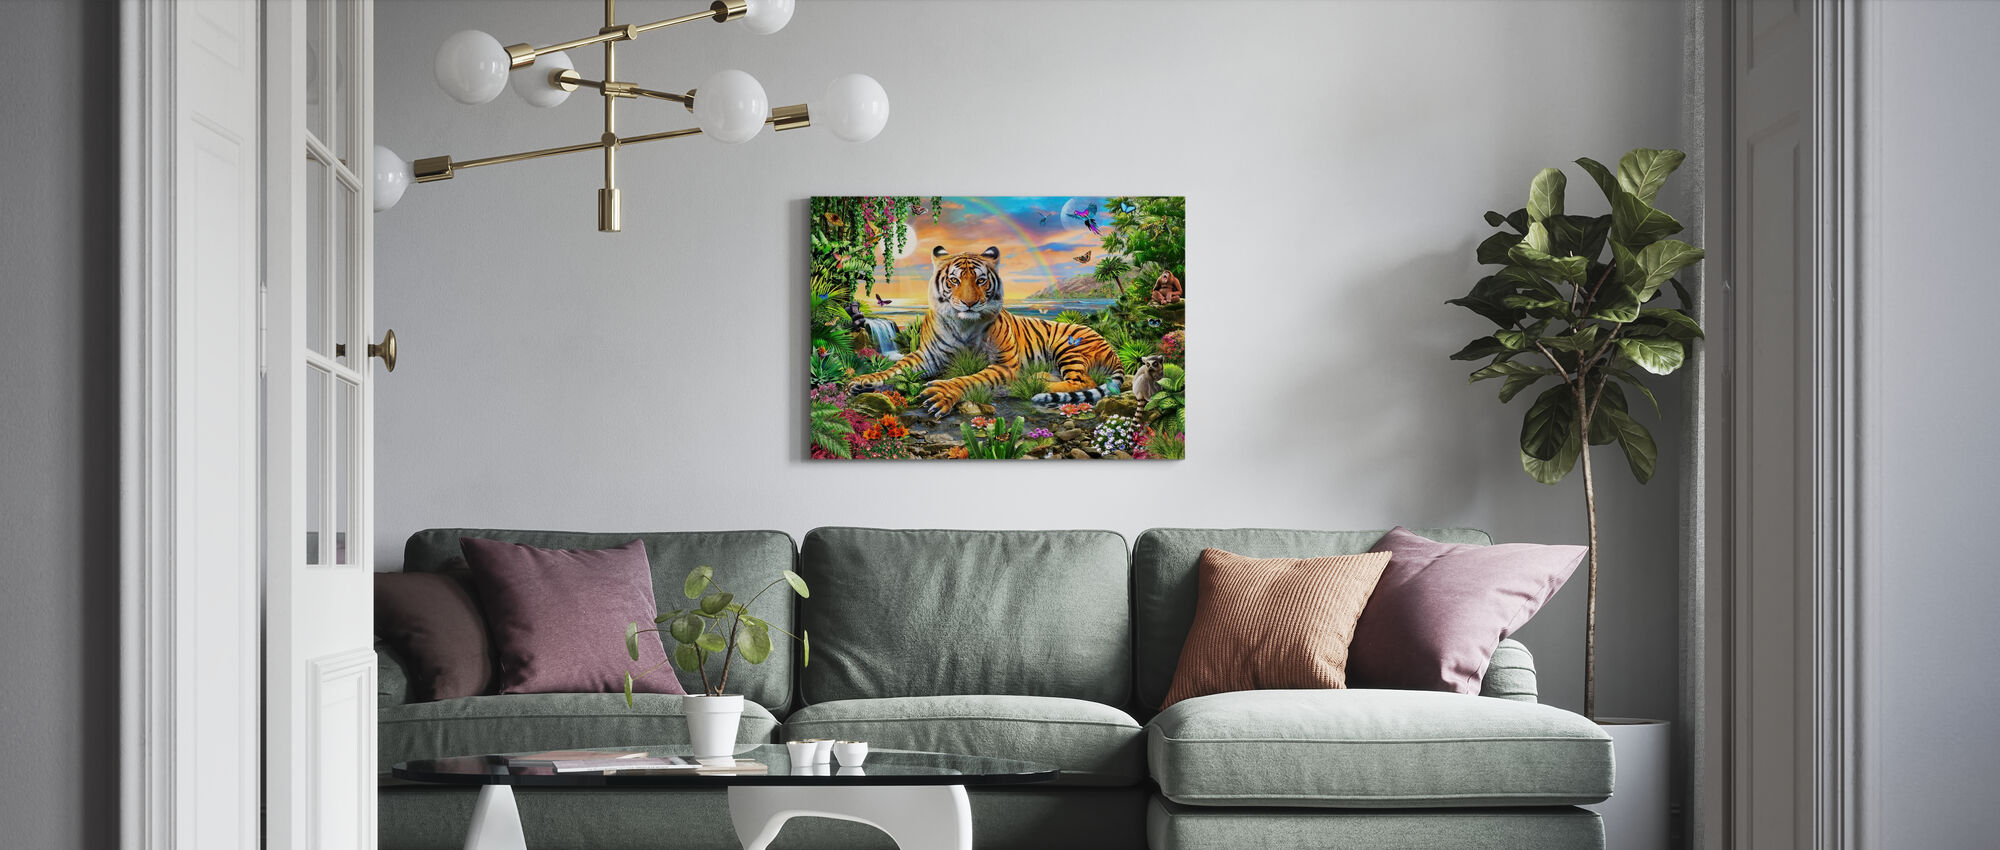 Re della giungla - Stampa su tela - Salotto